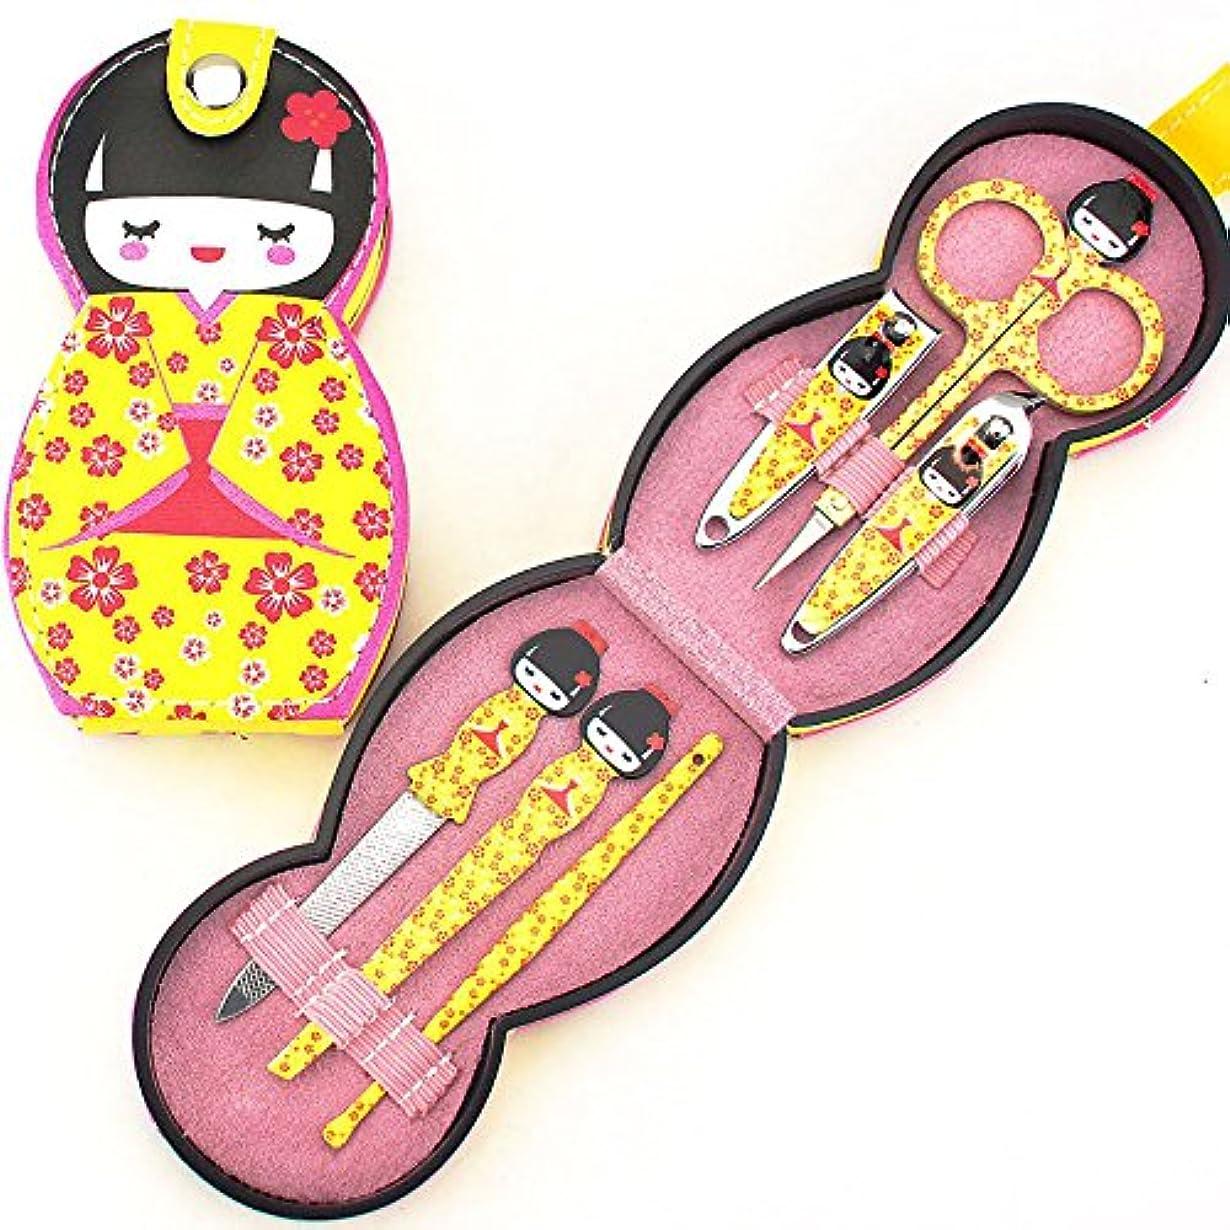 きらめくランダムパプアニューギニアZlianhui 6ピース日本人形ネイルケアセット、ネイルケアセット装飾ネイル美容セット旅行 (Yellow)